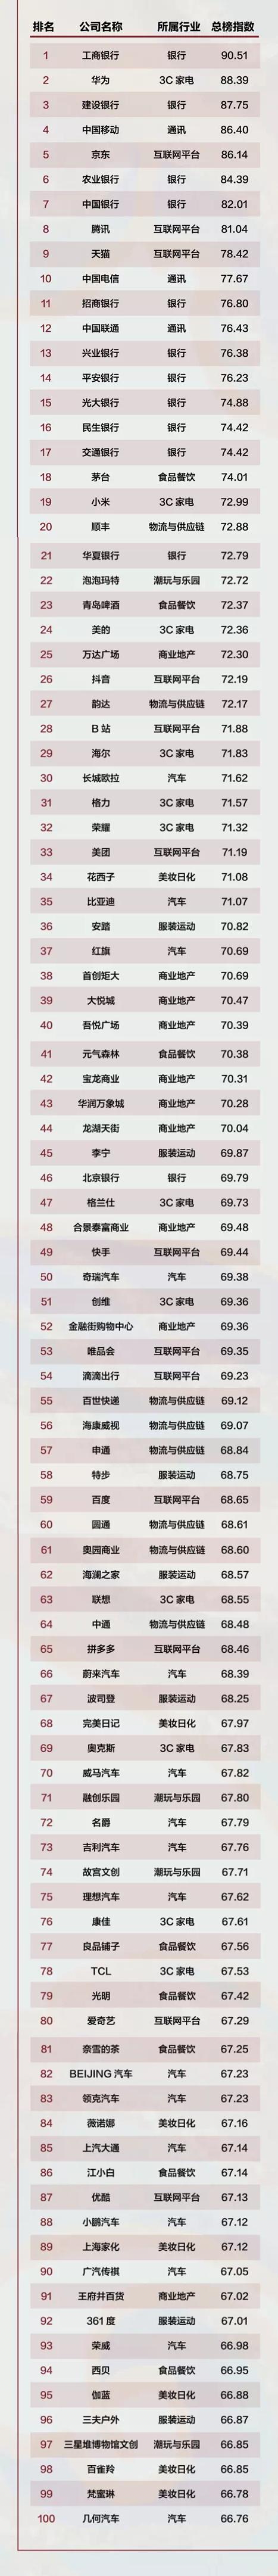 """中经报智库、《商学院》与蓝色光标销博特联合发布""""2021年国品竞争力指数榜"""""""